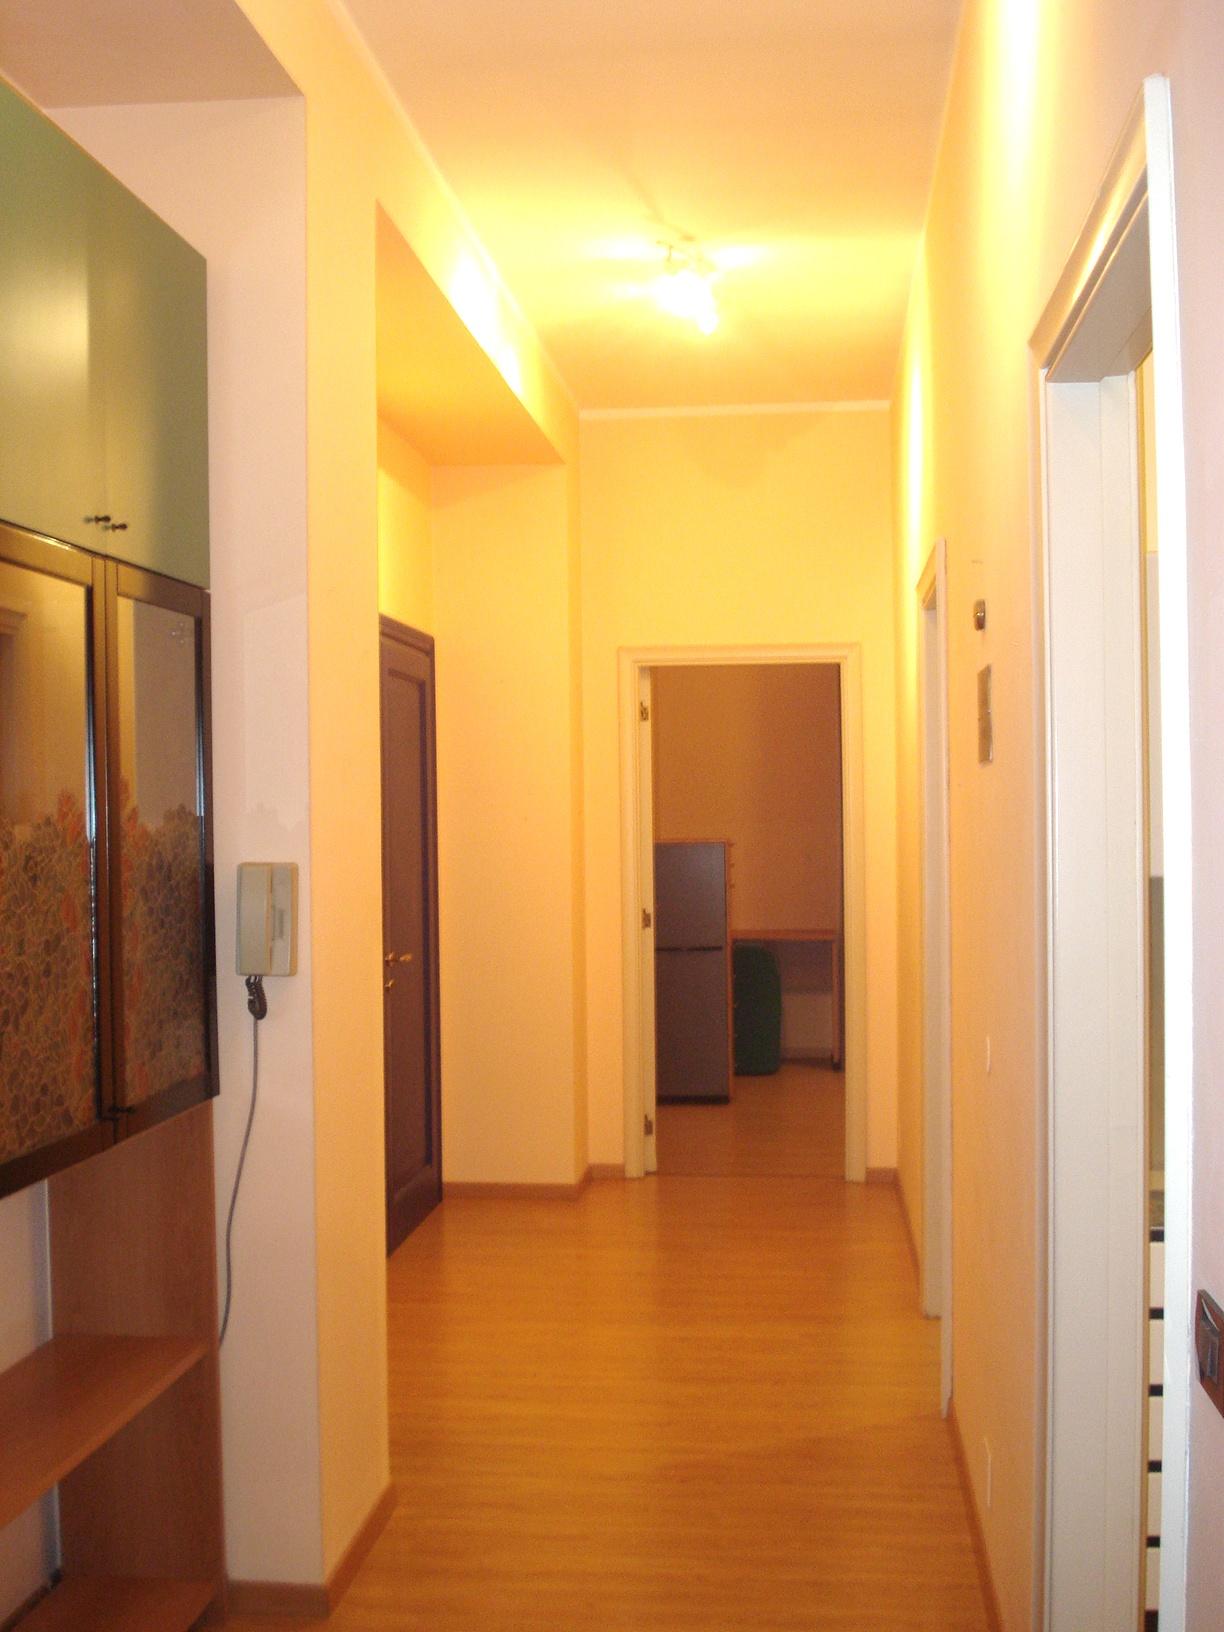 Appartamento in affitto a Biella, 2 locali, zona Zona: Centro, prezzo € 400 | CambioCasa.it